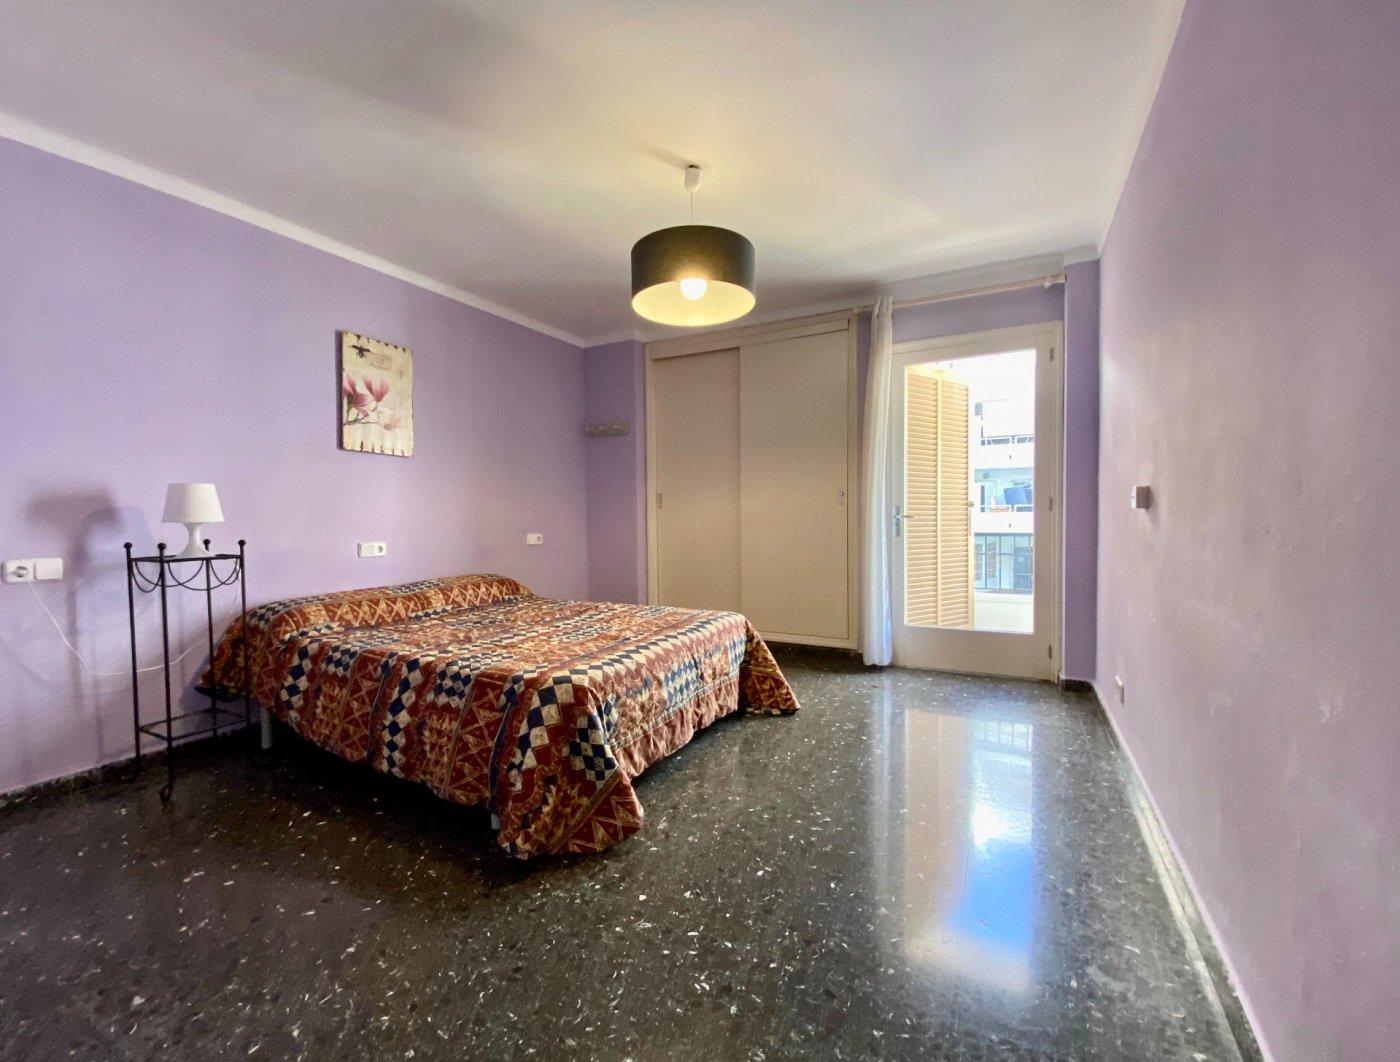 Espacioso piso a la venta en puerto pollensa - imagenInmueble3